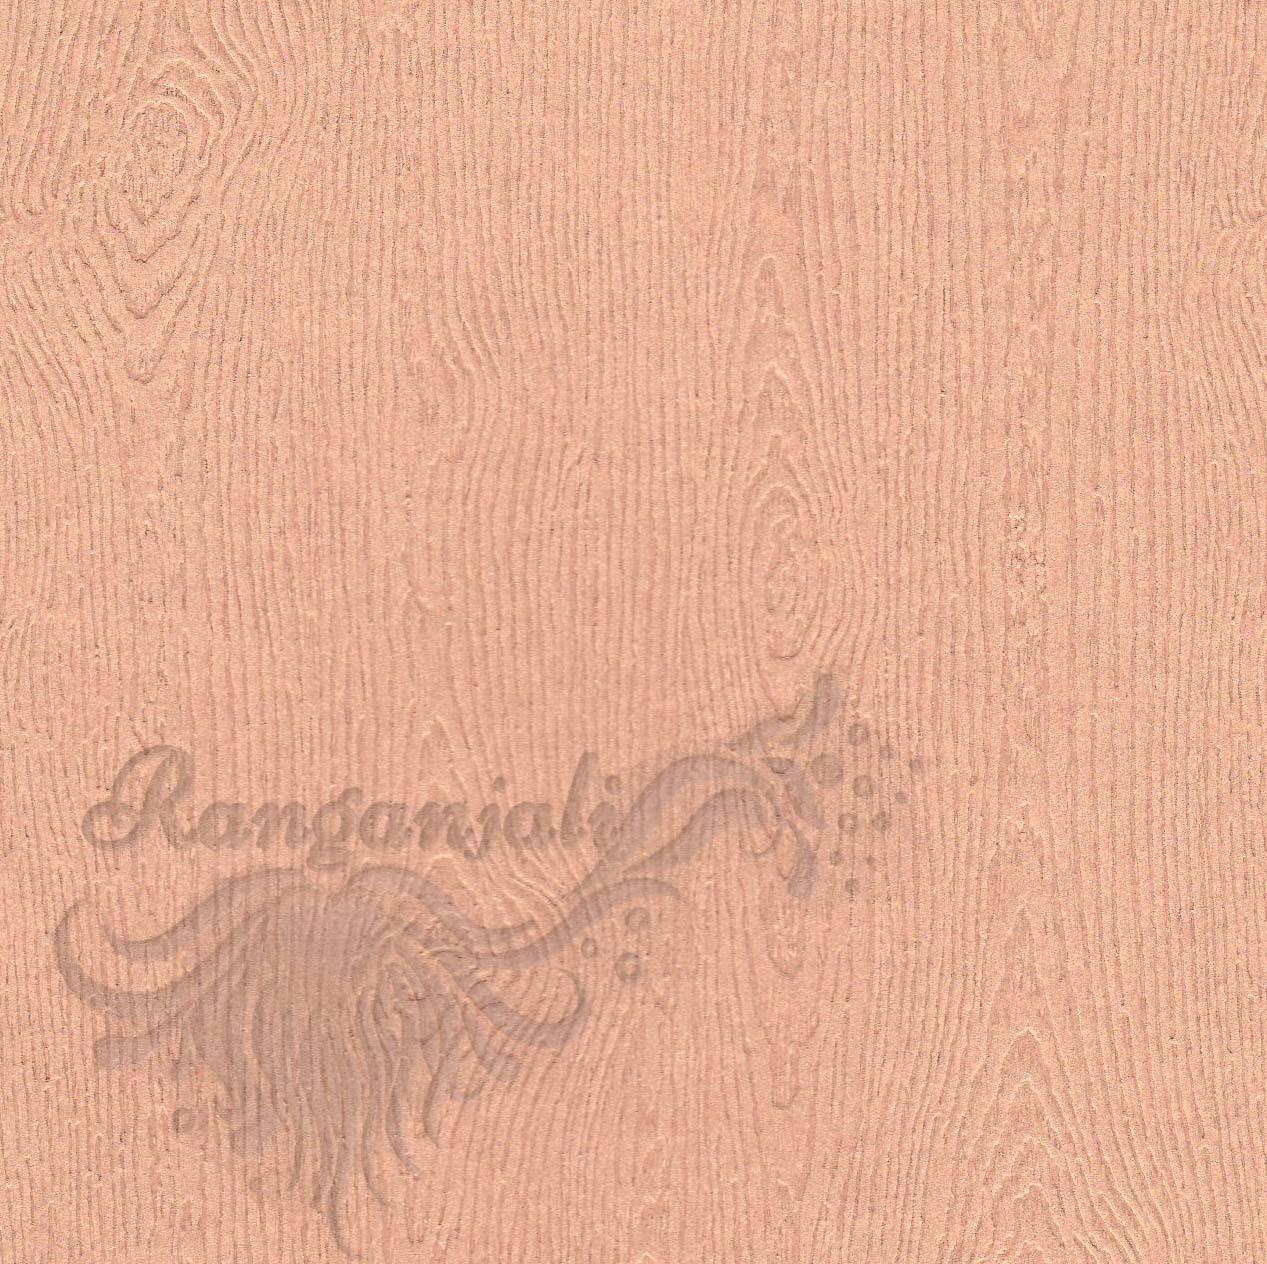 WOODGRAIN BIRCH Textured Cardstock 300GSM- 10/pk